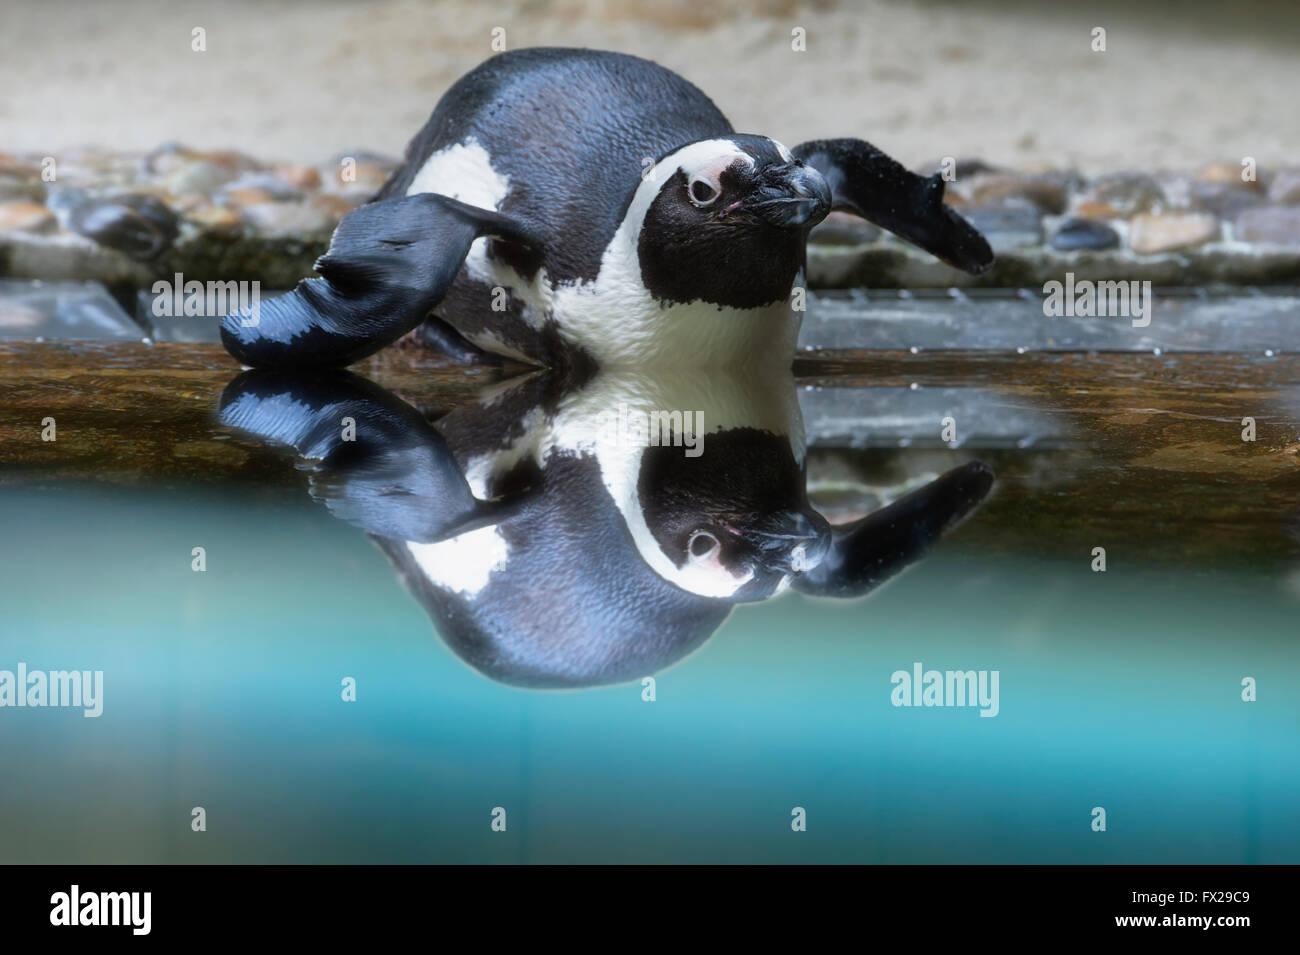 African penguin or Jackass penguin (Spheniscus demersus) reflecting in the water - Stock Image